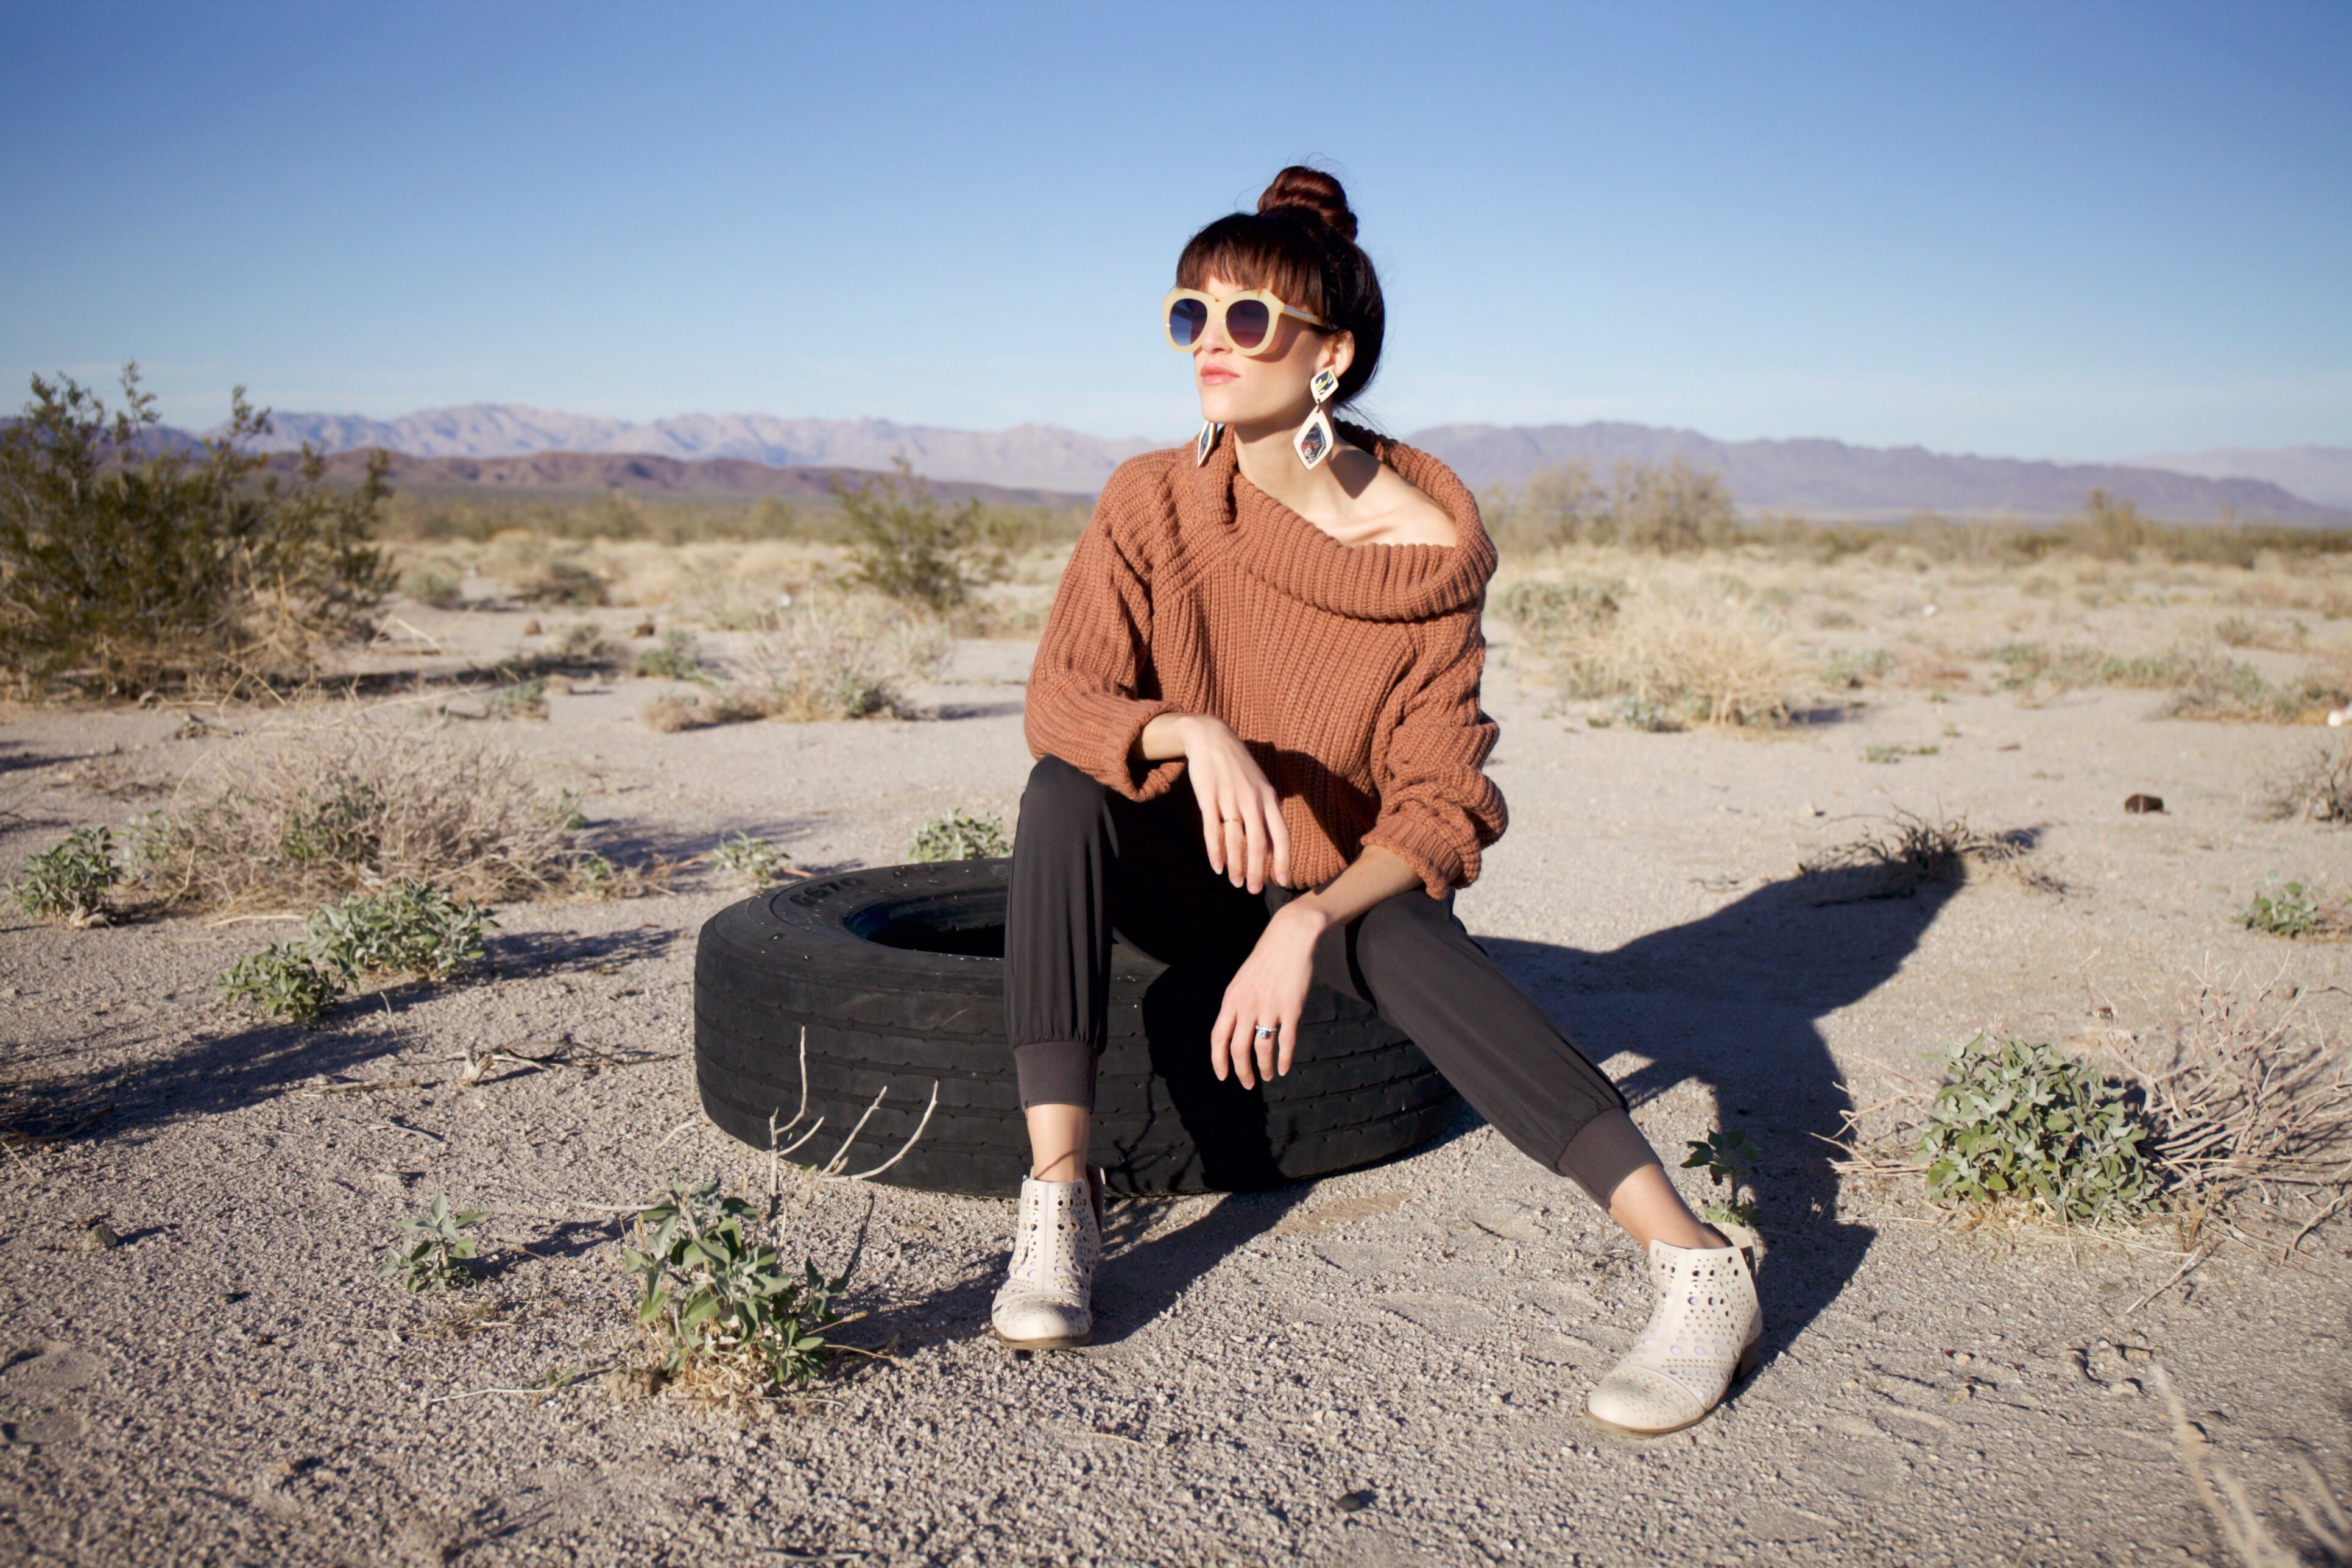 Alyssa Bird sitting on an old tire in the desert in Arizona